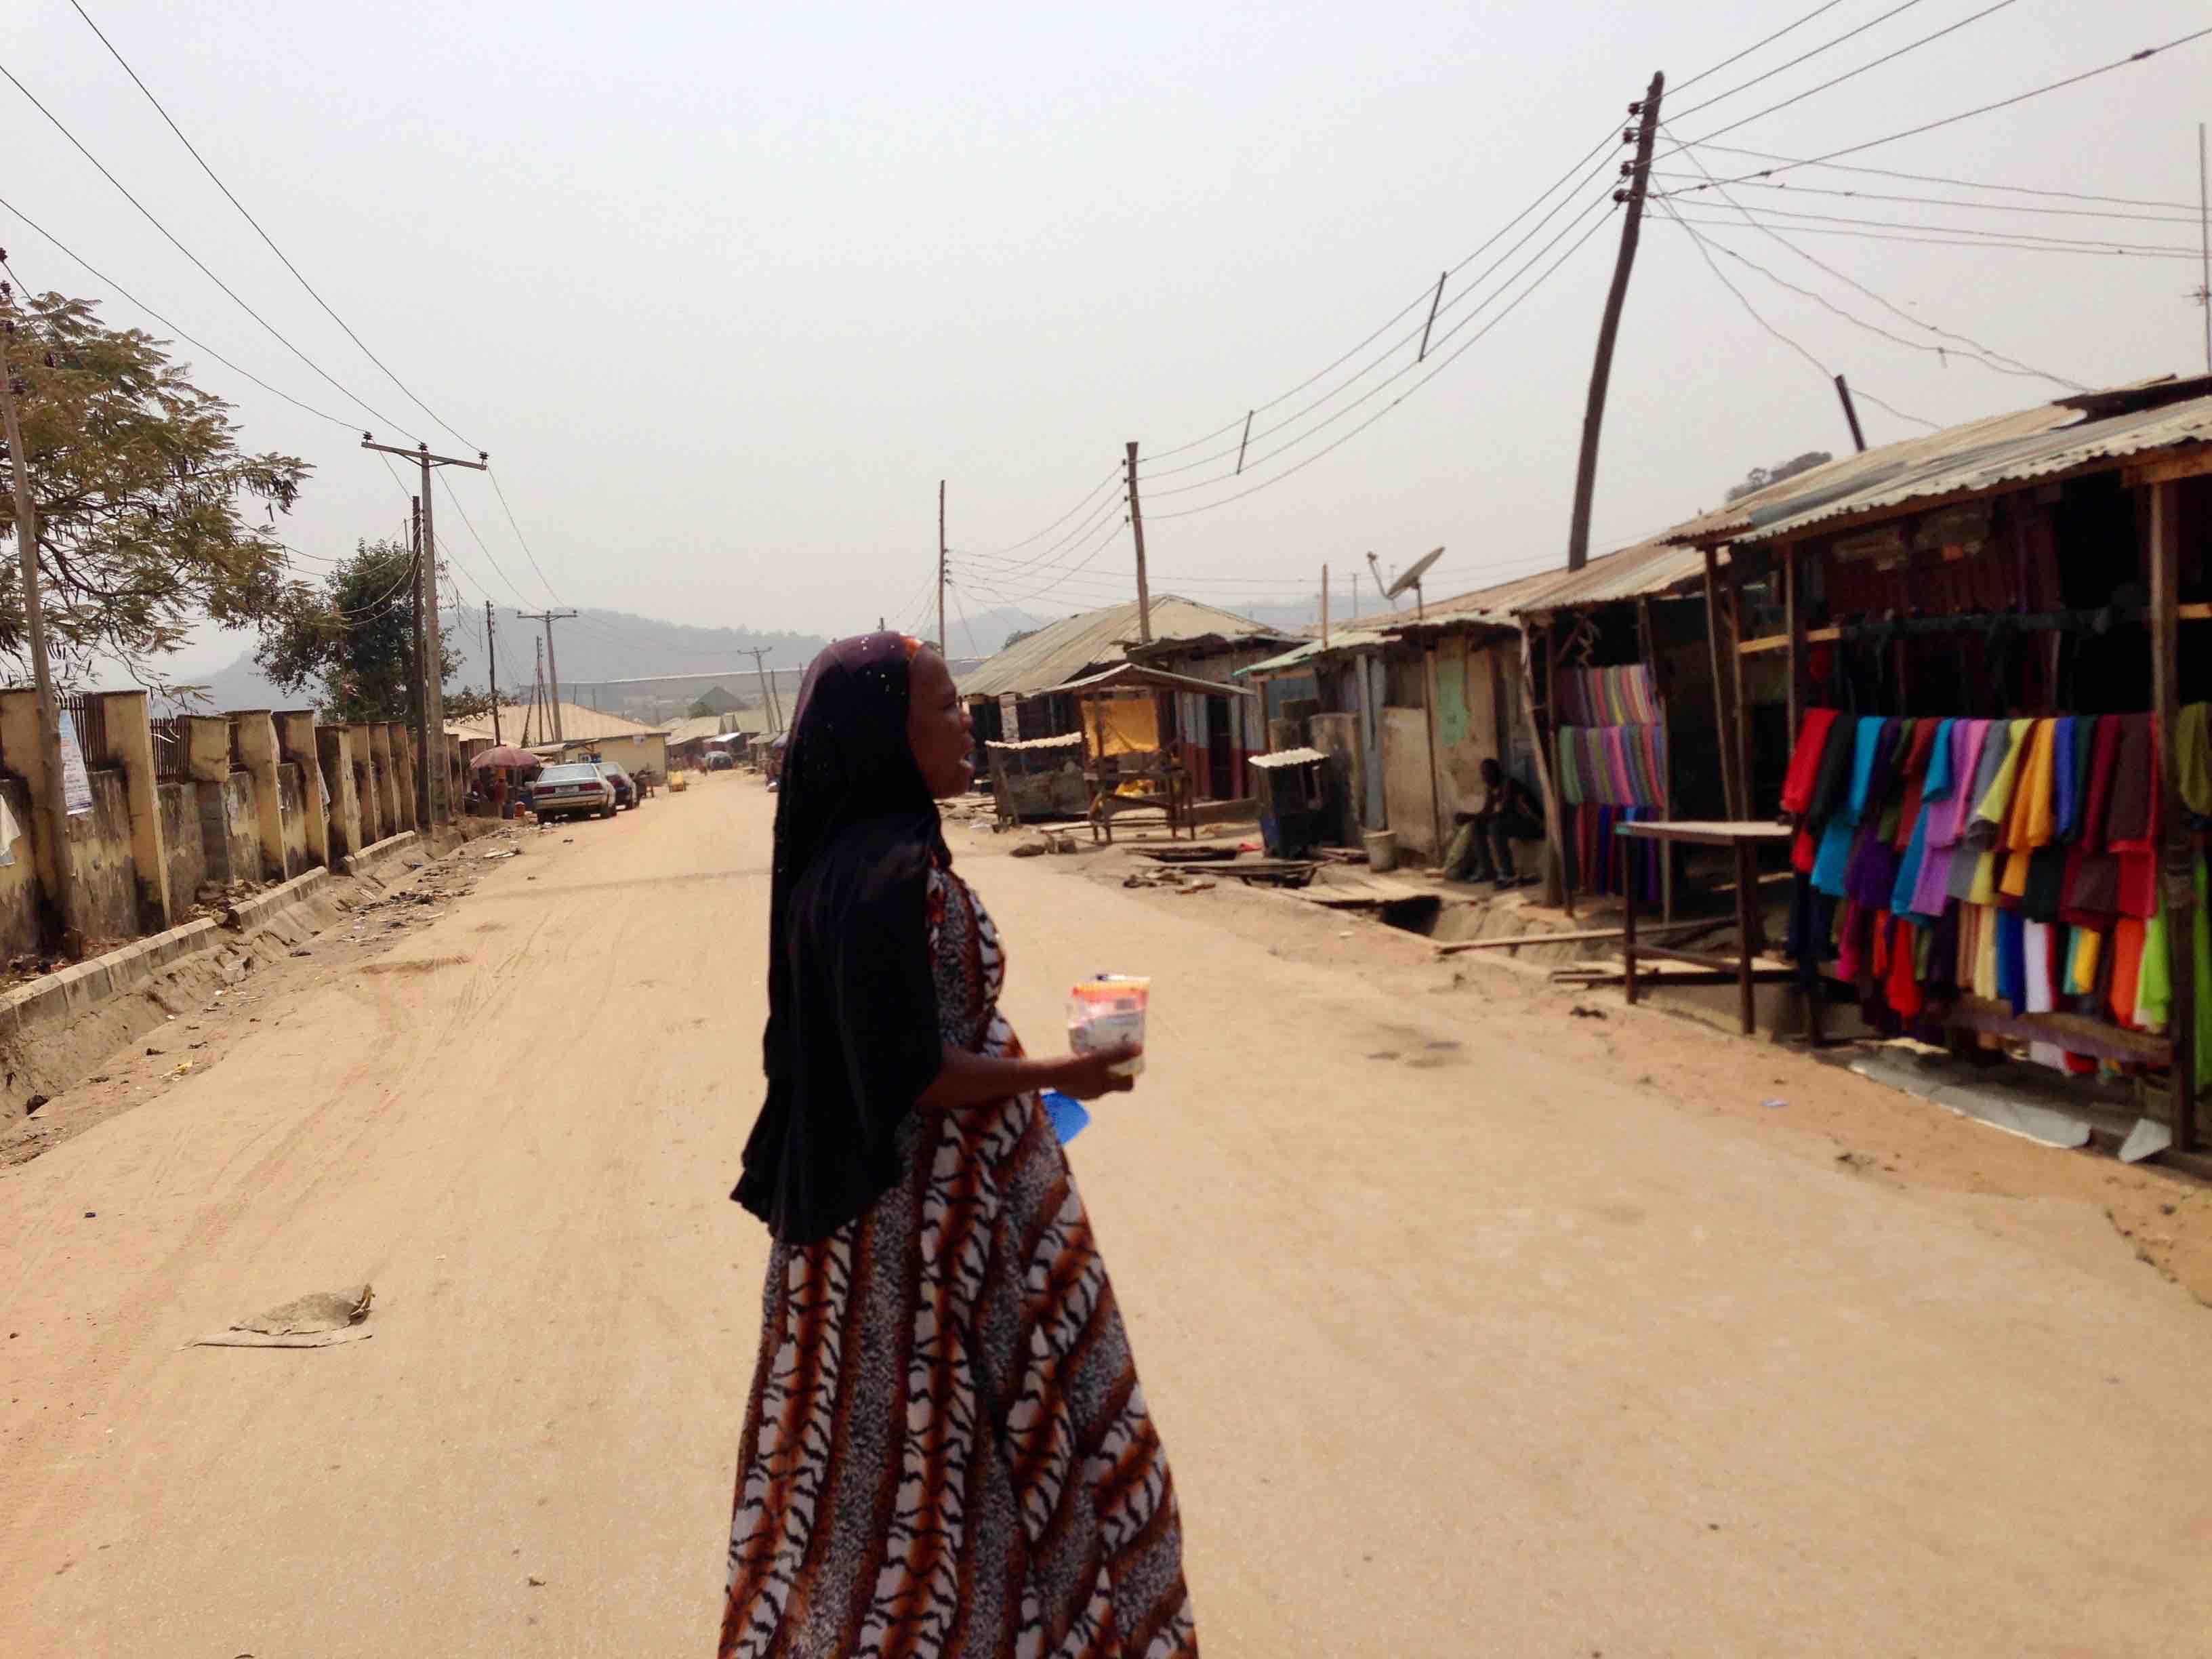 Woman in hijab, Ushafa Village, Abuja, Nigeria. #JujuFilms